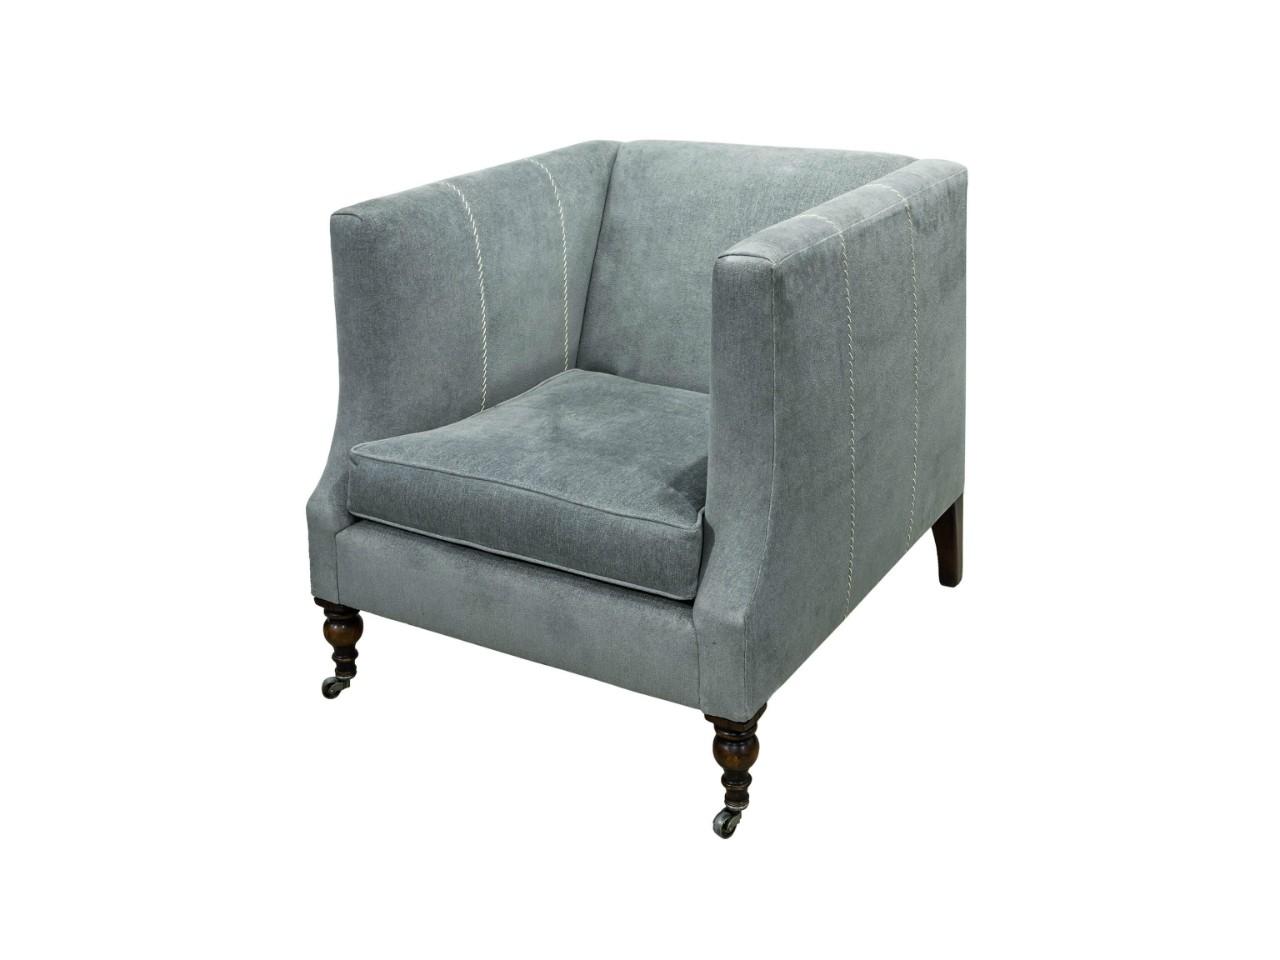 Кресло АрнольдИнтерьерные кресла<br>Стильная кубическая форма, высокие подлокотники и неповторимое ощущение комфорта &amp;amp;ndash; постоянные спутники этого кресла. Льняная отделка и натуральное дерево указывают на очевидность хорошего выбора, плюс высокое качество исполнения. Такое кресло подарит много приятных моментов и впишется в любой интерьер.<br><br>Material: Лен<br>Width см: 80<br>Depth см: 89<br>Height см: 81